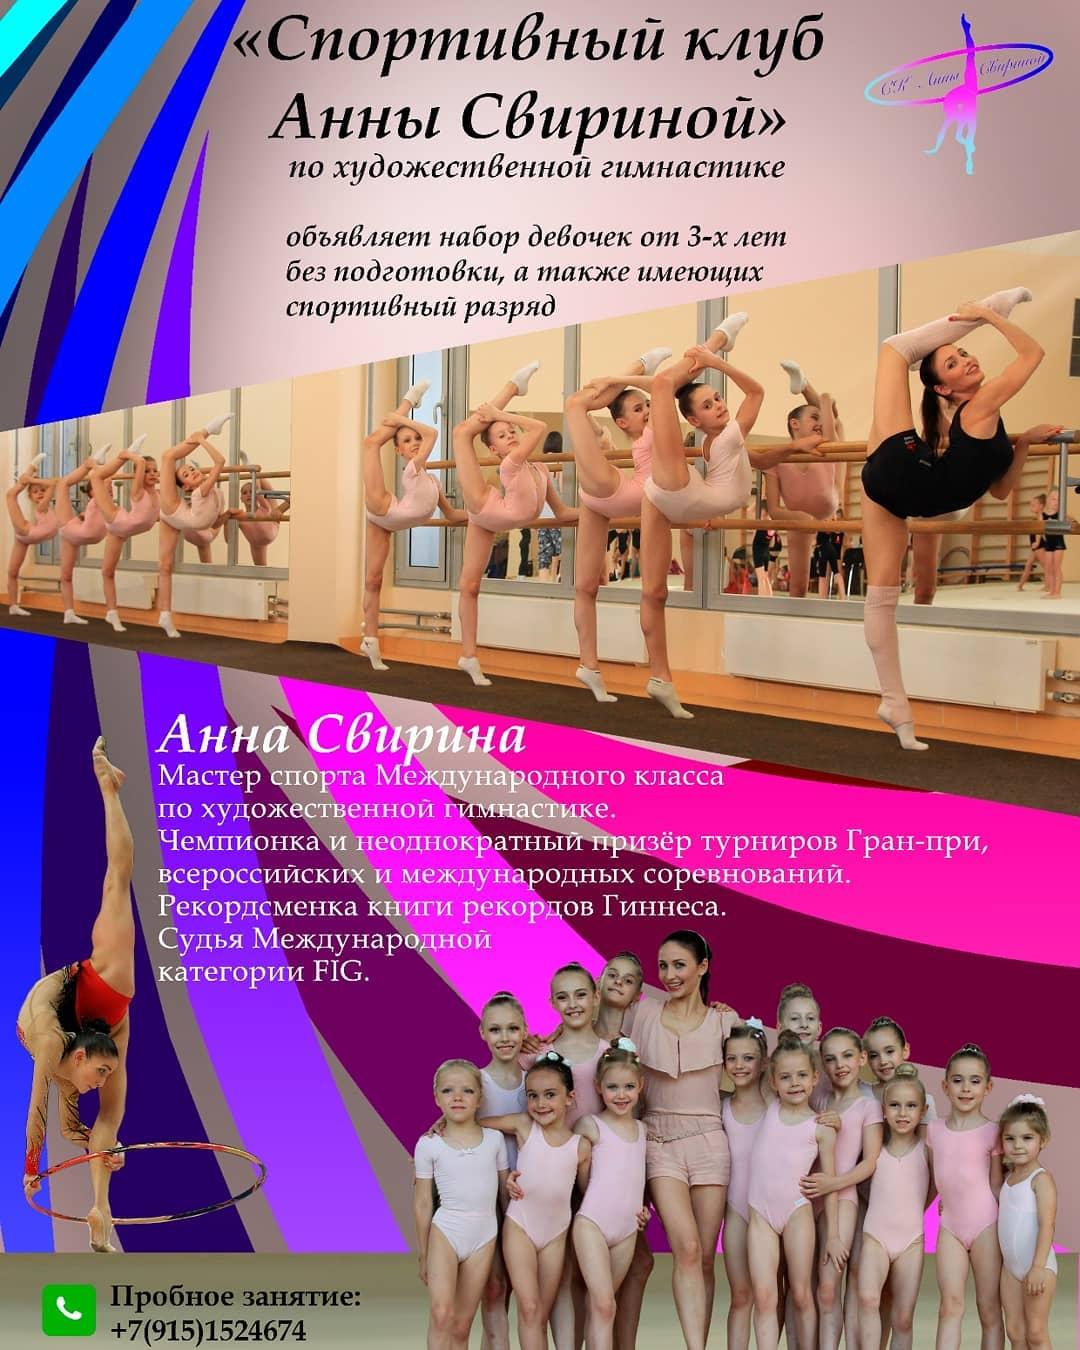 Спортивный клуб Анны Свириной | Художественная гимнастика